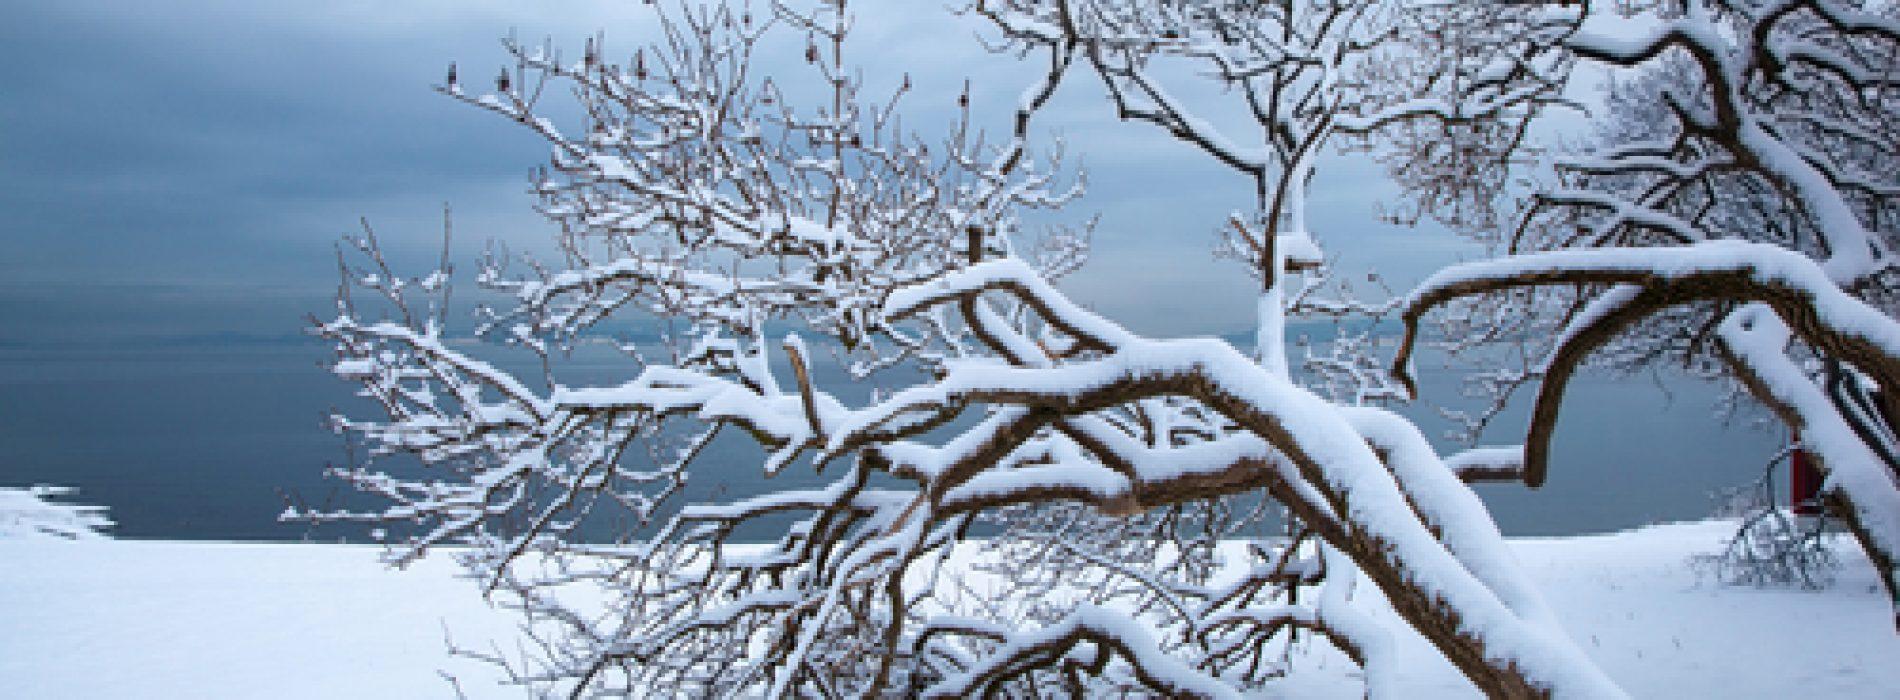 Seasonal Melancholy – Enjoy the Colder Season